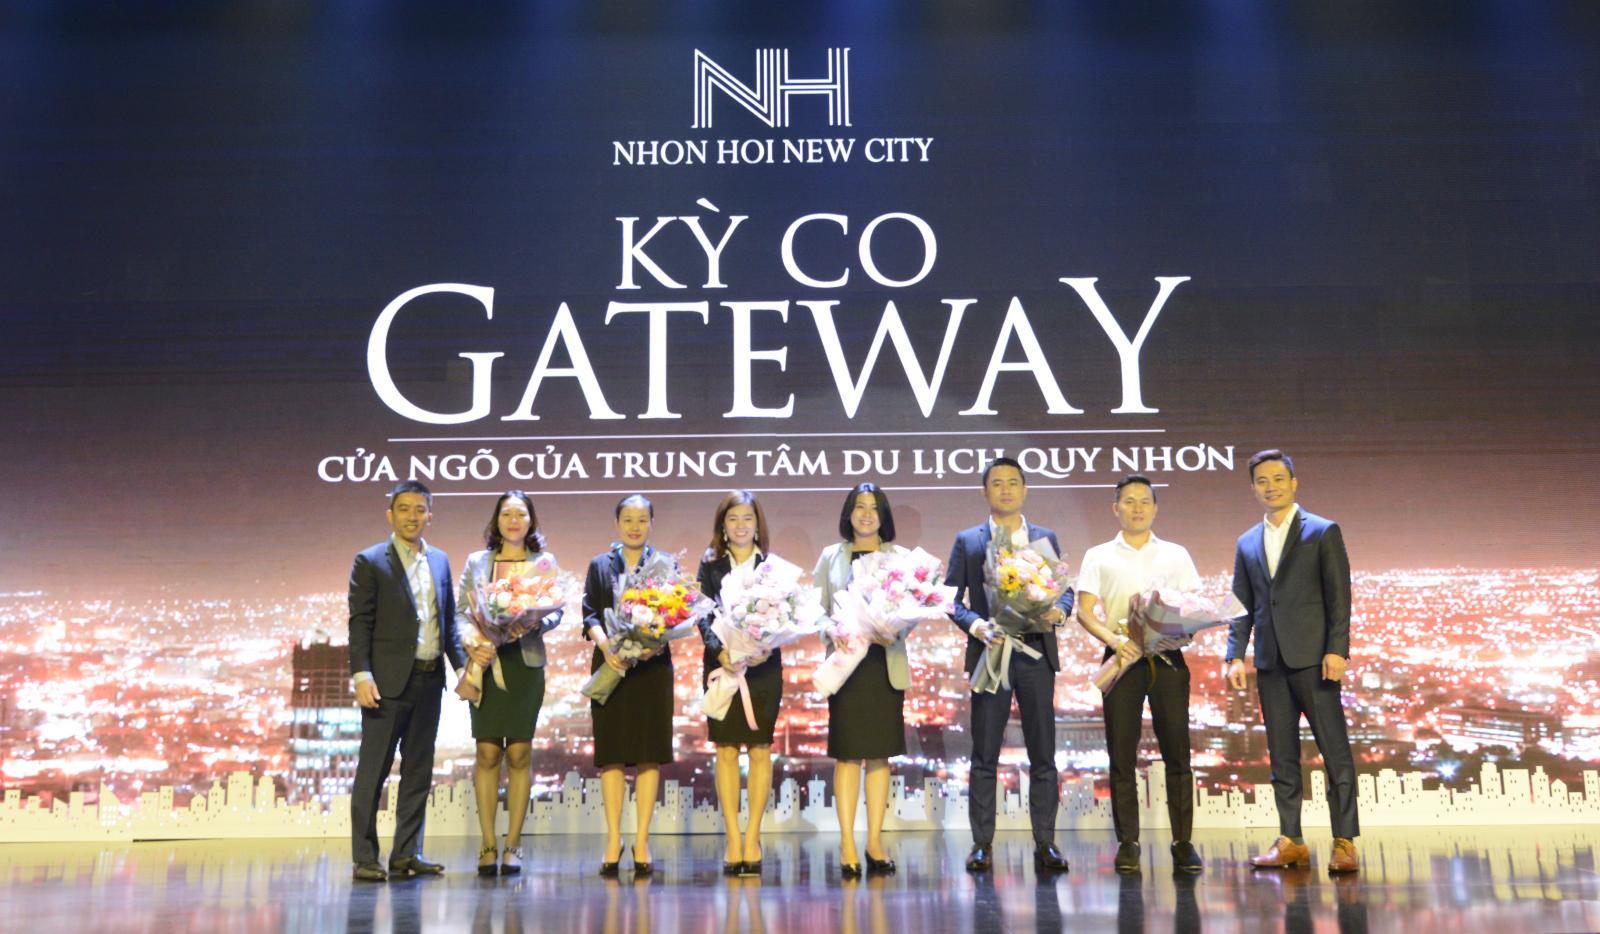 4 nam và 4 nữ đứng trên sân khấu ôm bó hoa